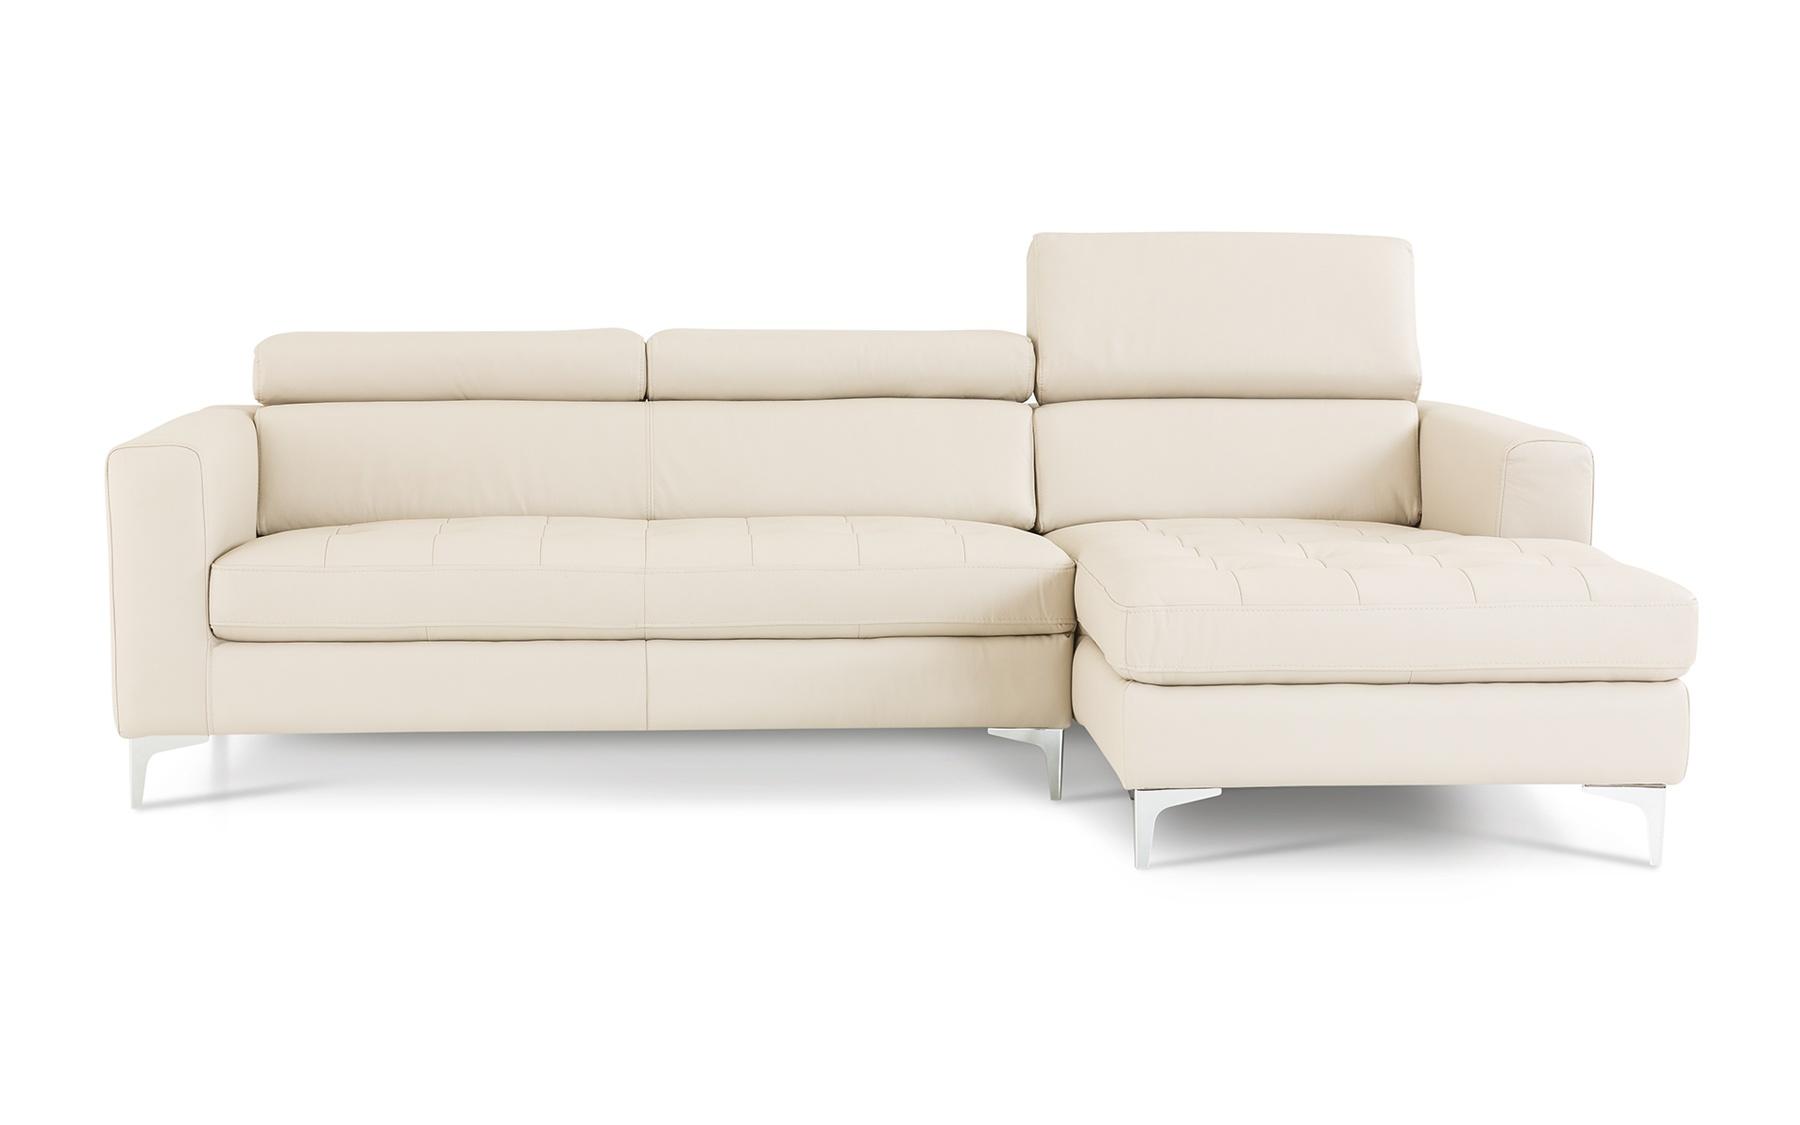 Canap composable cuir c850 composables salons la for Canape composable